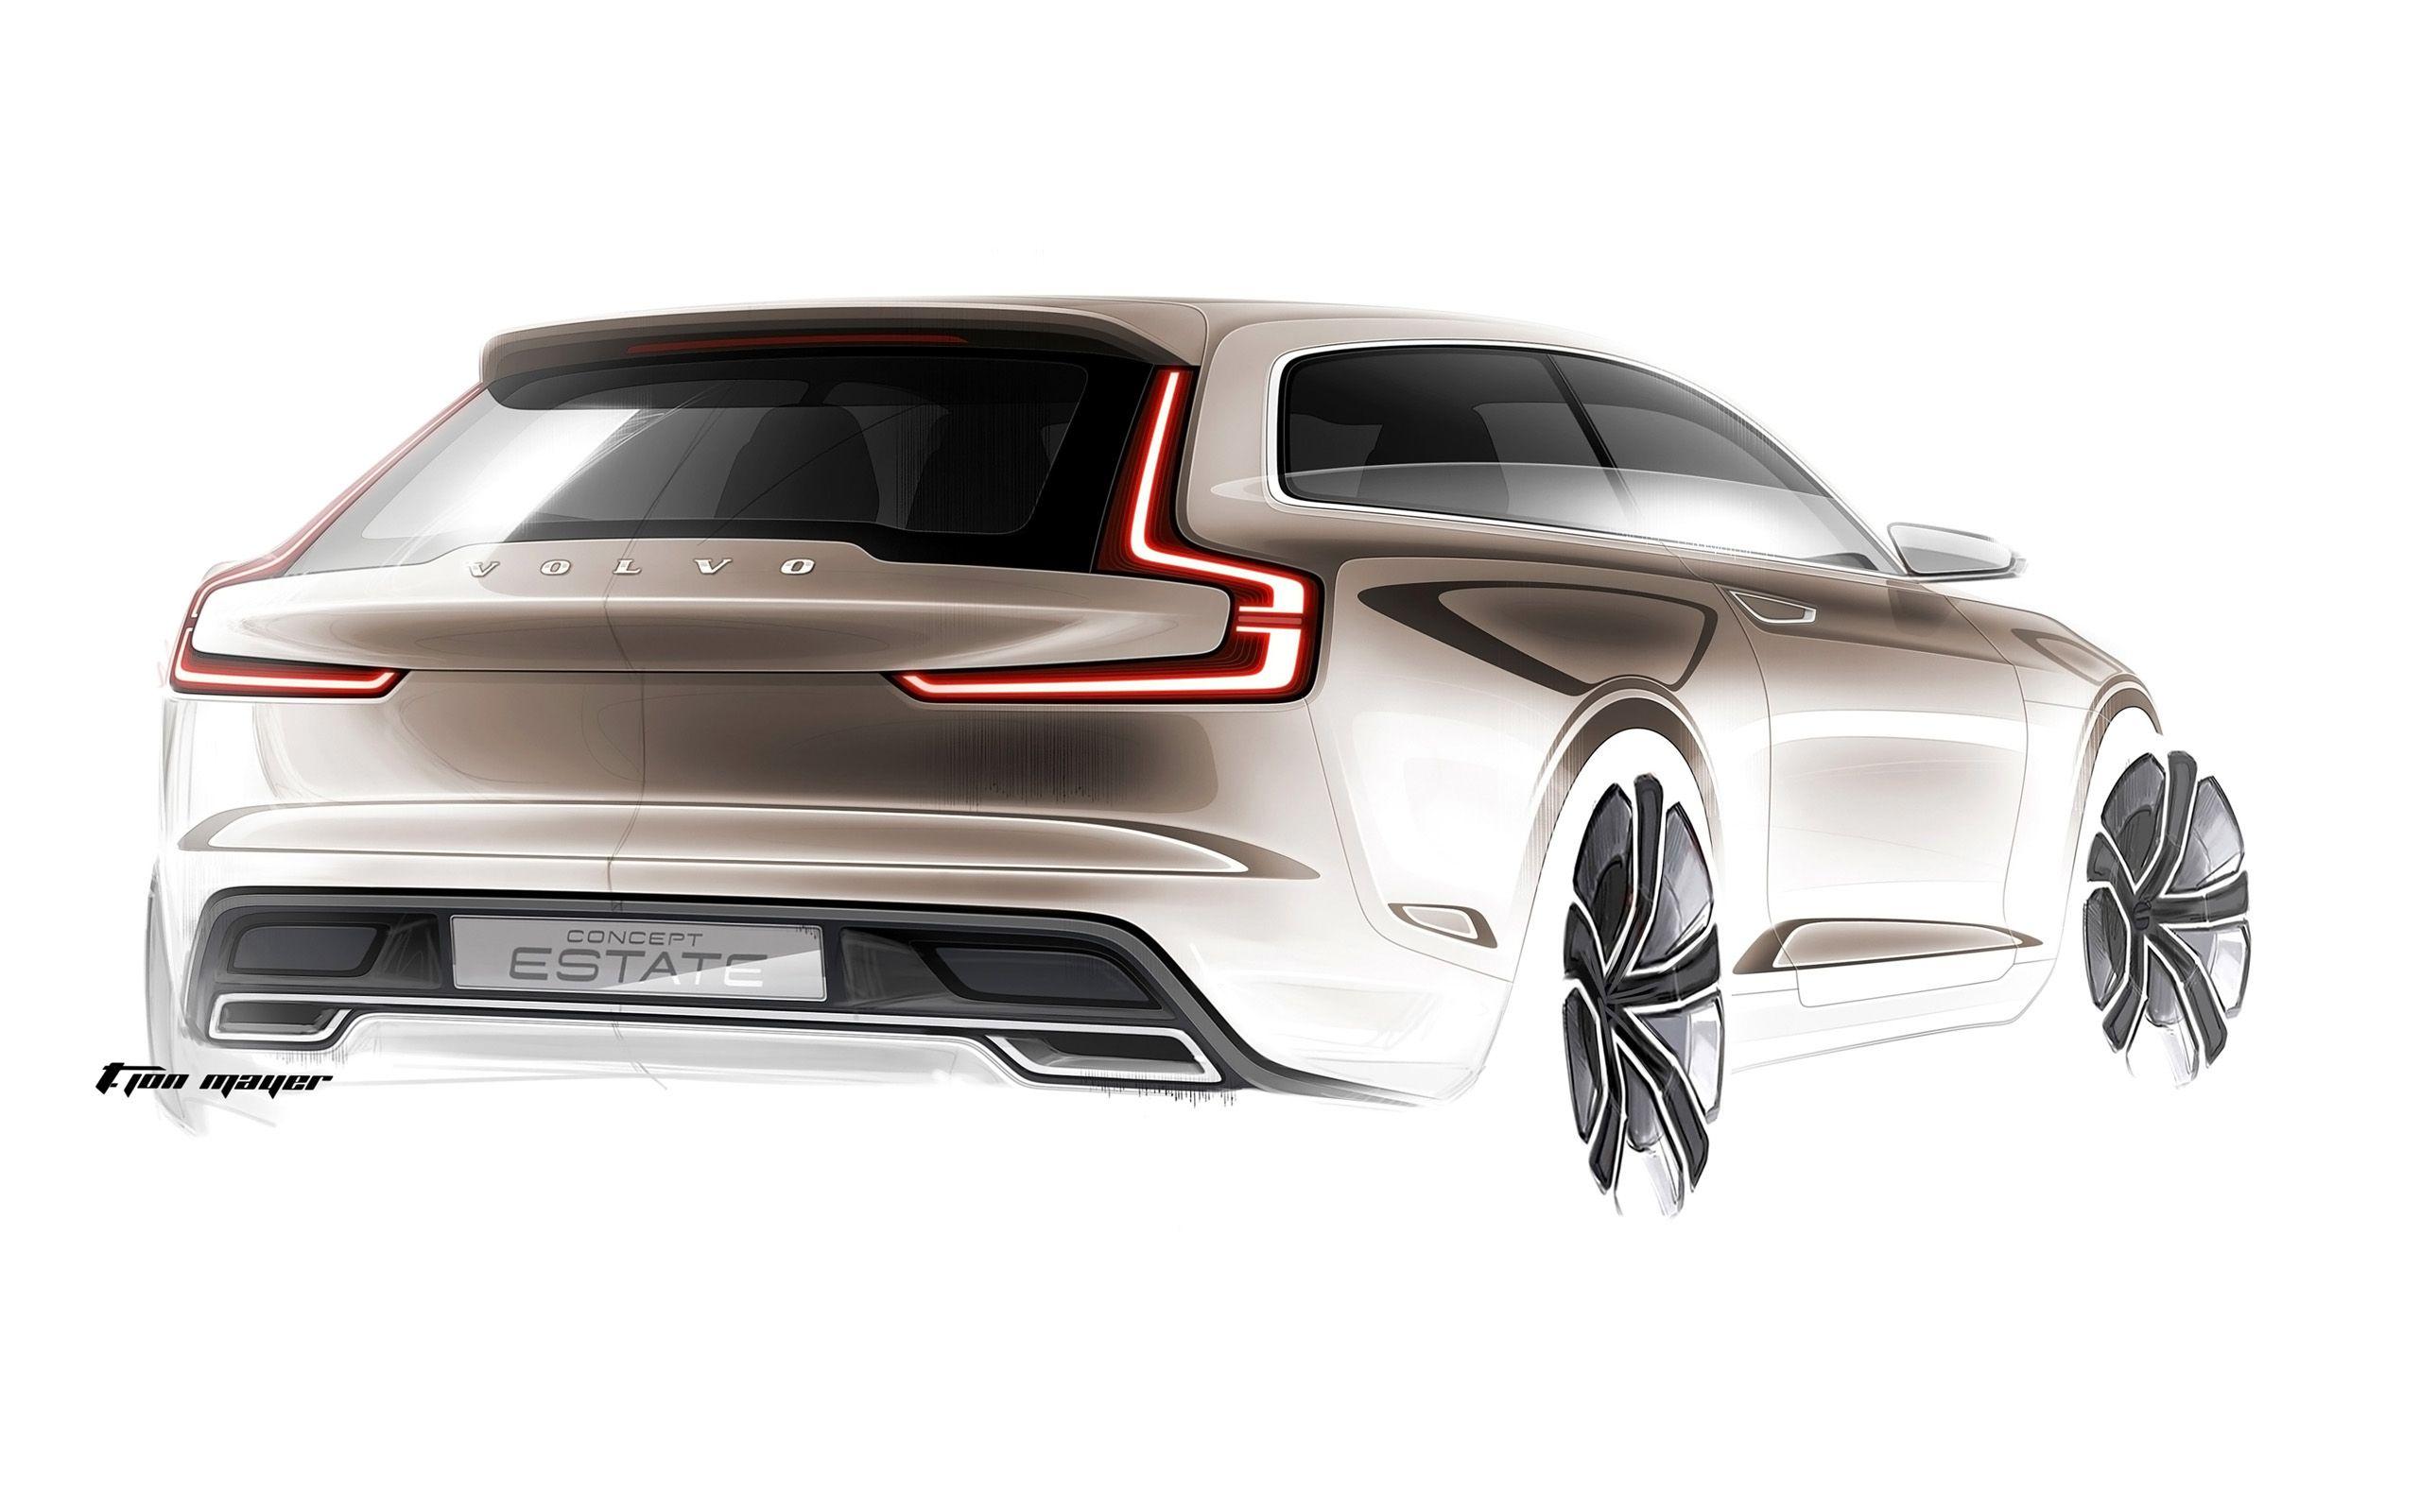 Volvo Concept Estate Sketches_05 (2560x1600) | Volvo Concept Estate ...